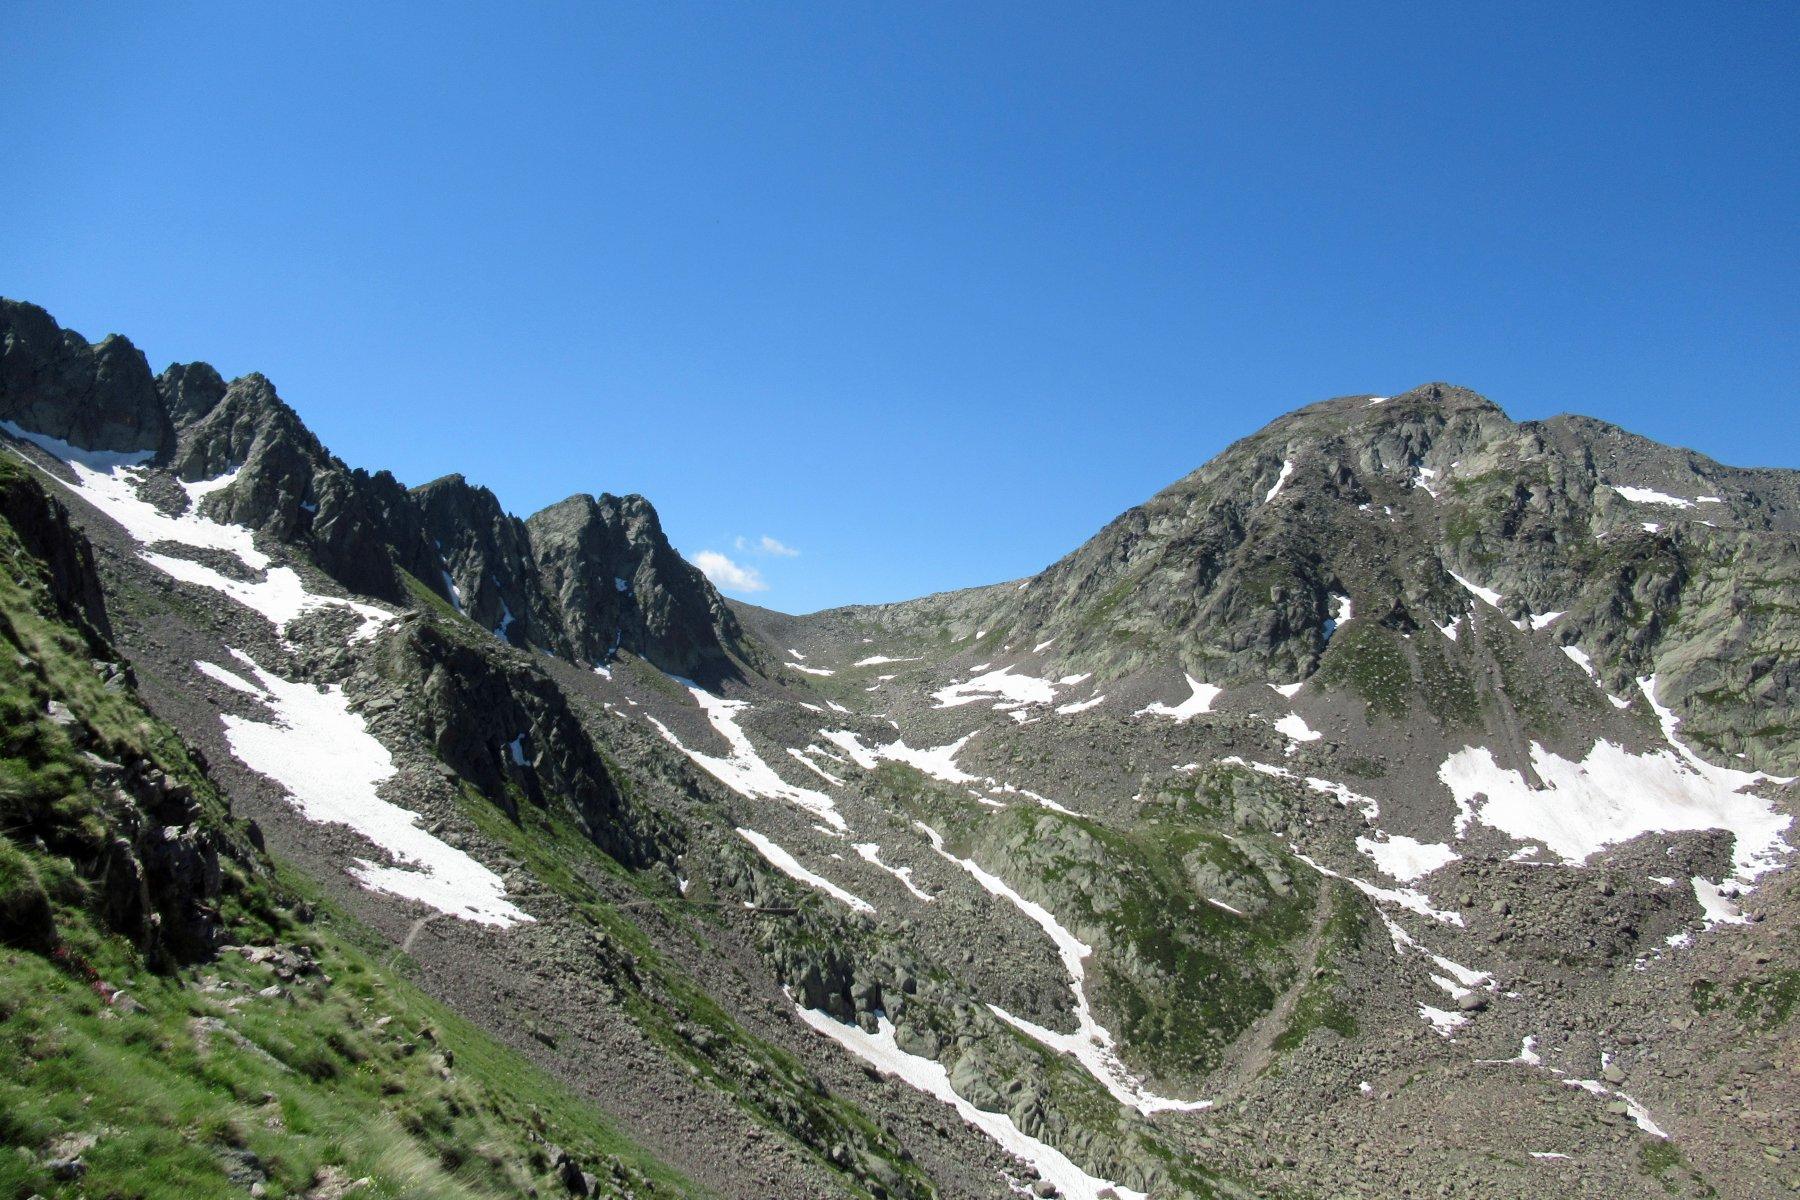 In cammino verso il colle di Seccia, racchiuso tra le cime di Gavia e Collalunga